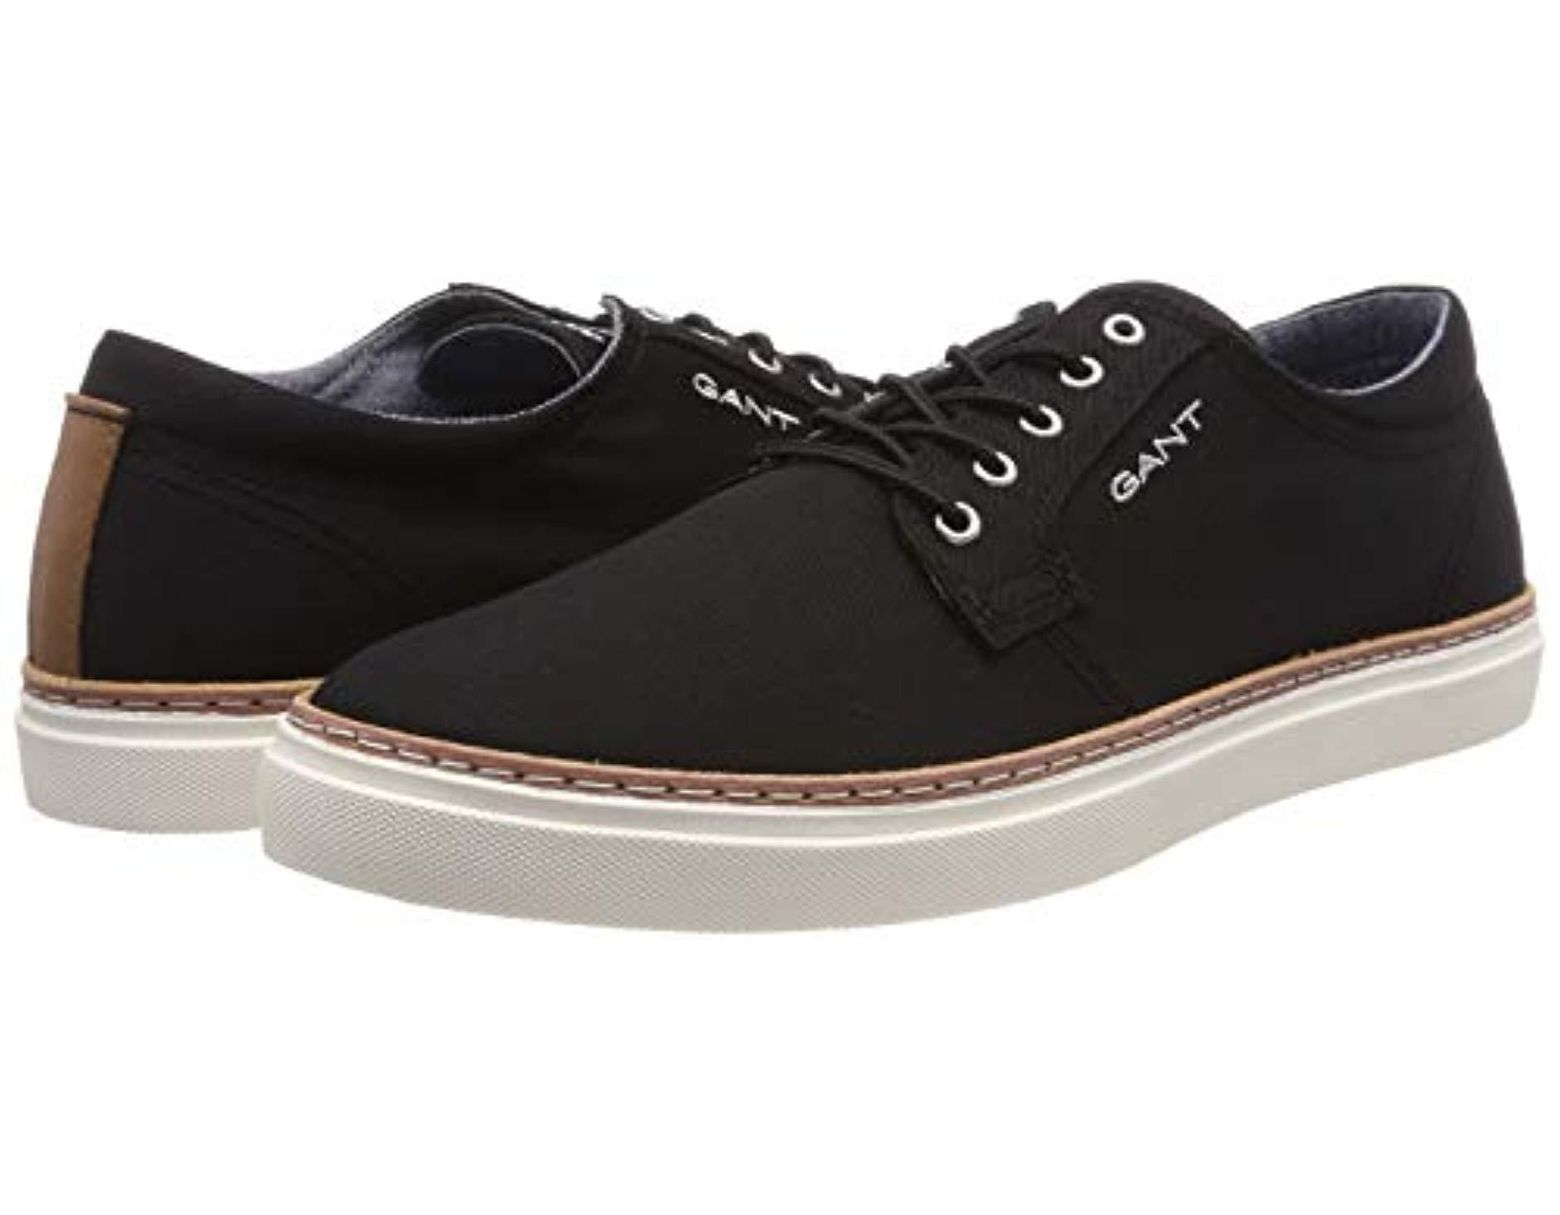 2d4d4955d0bd9 Men's Black Bari Low-top Trainers